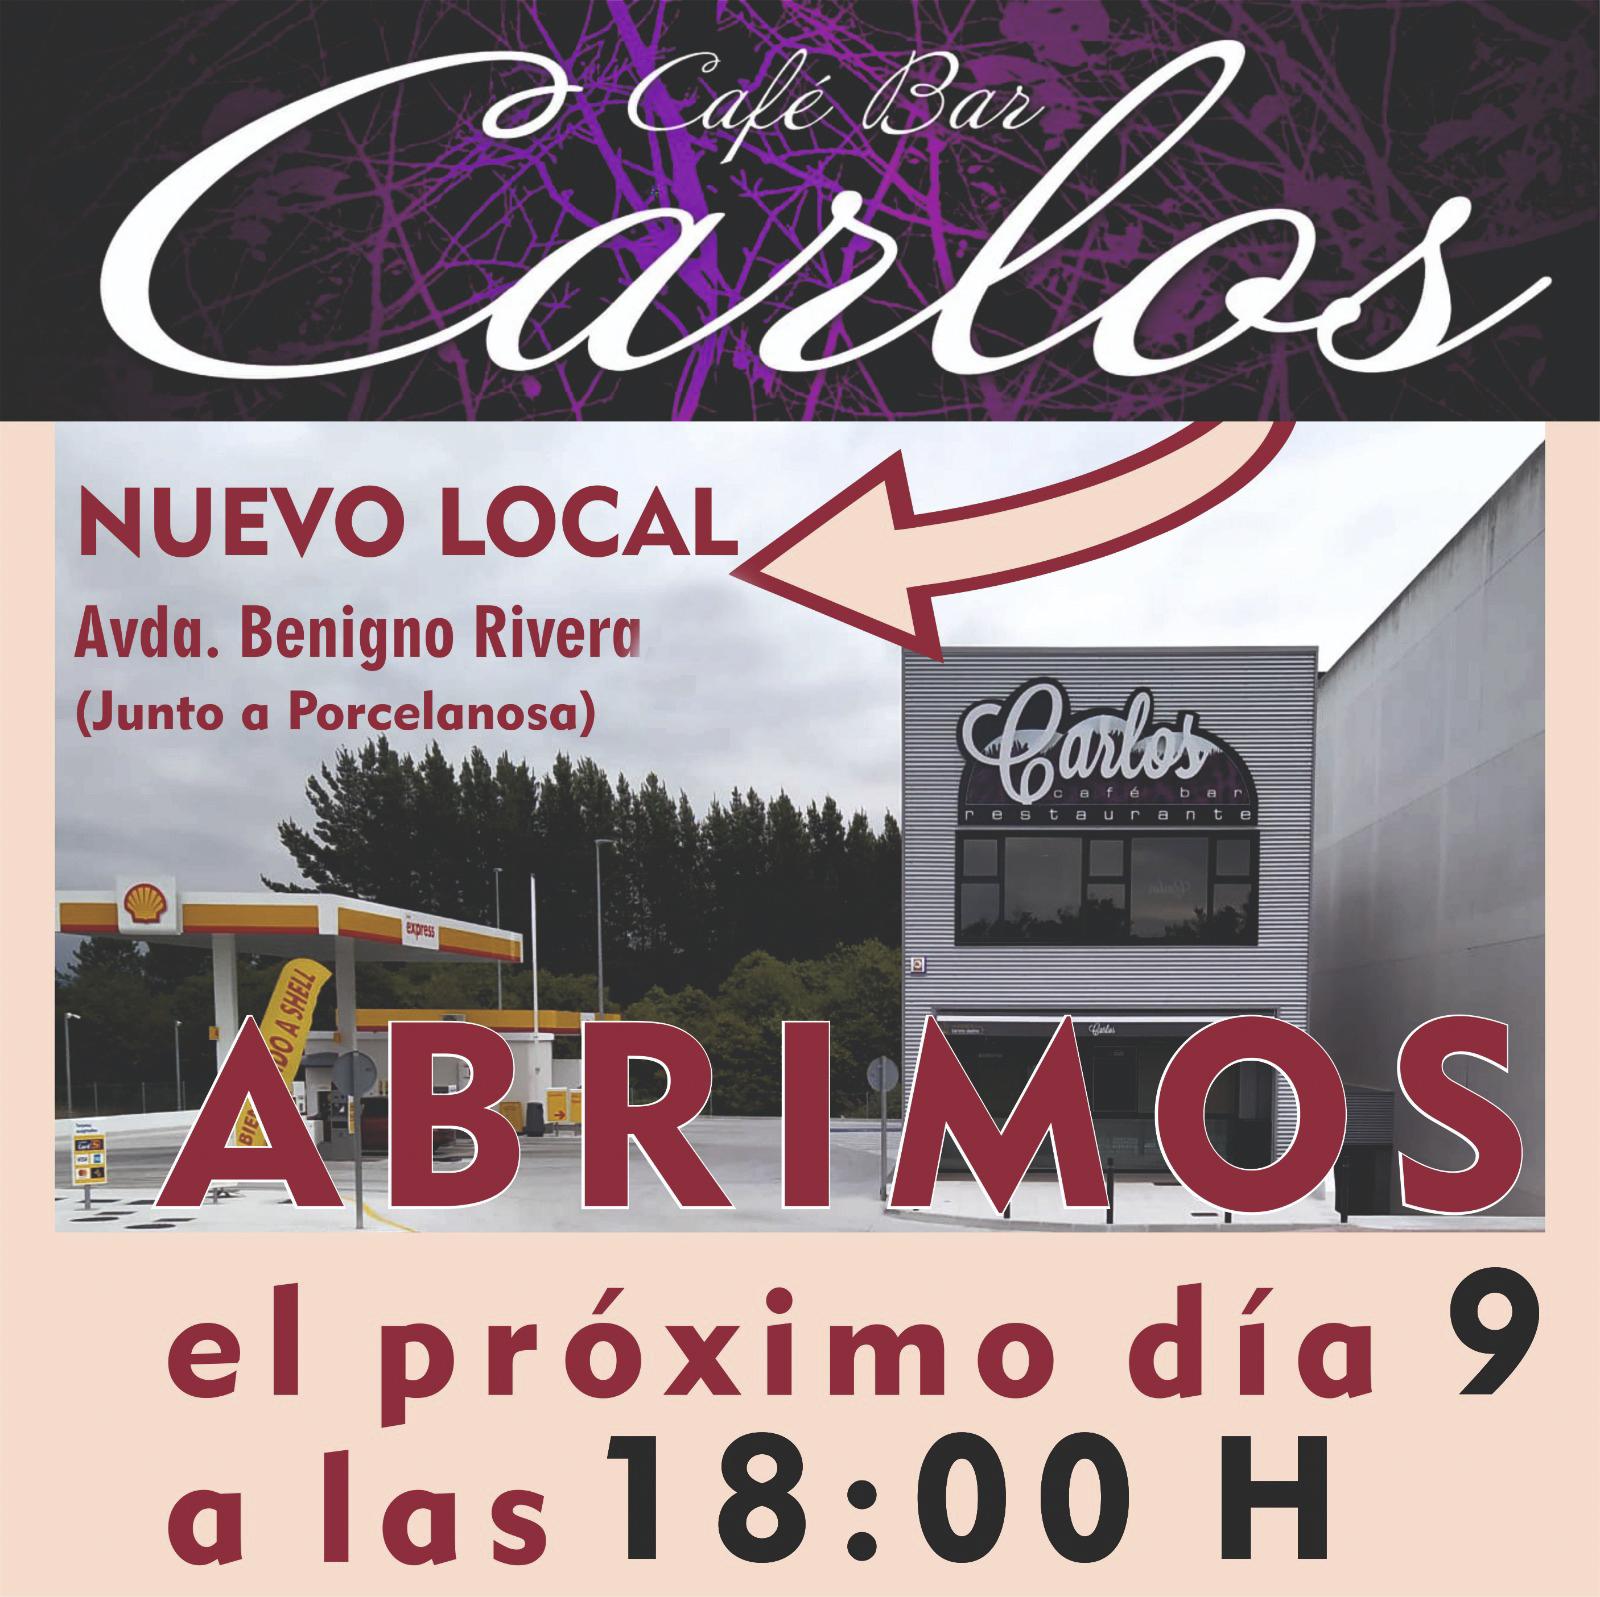 cafe-bar-carlos